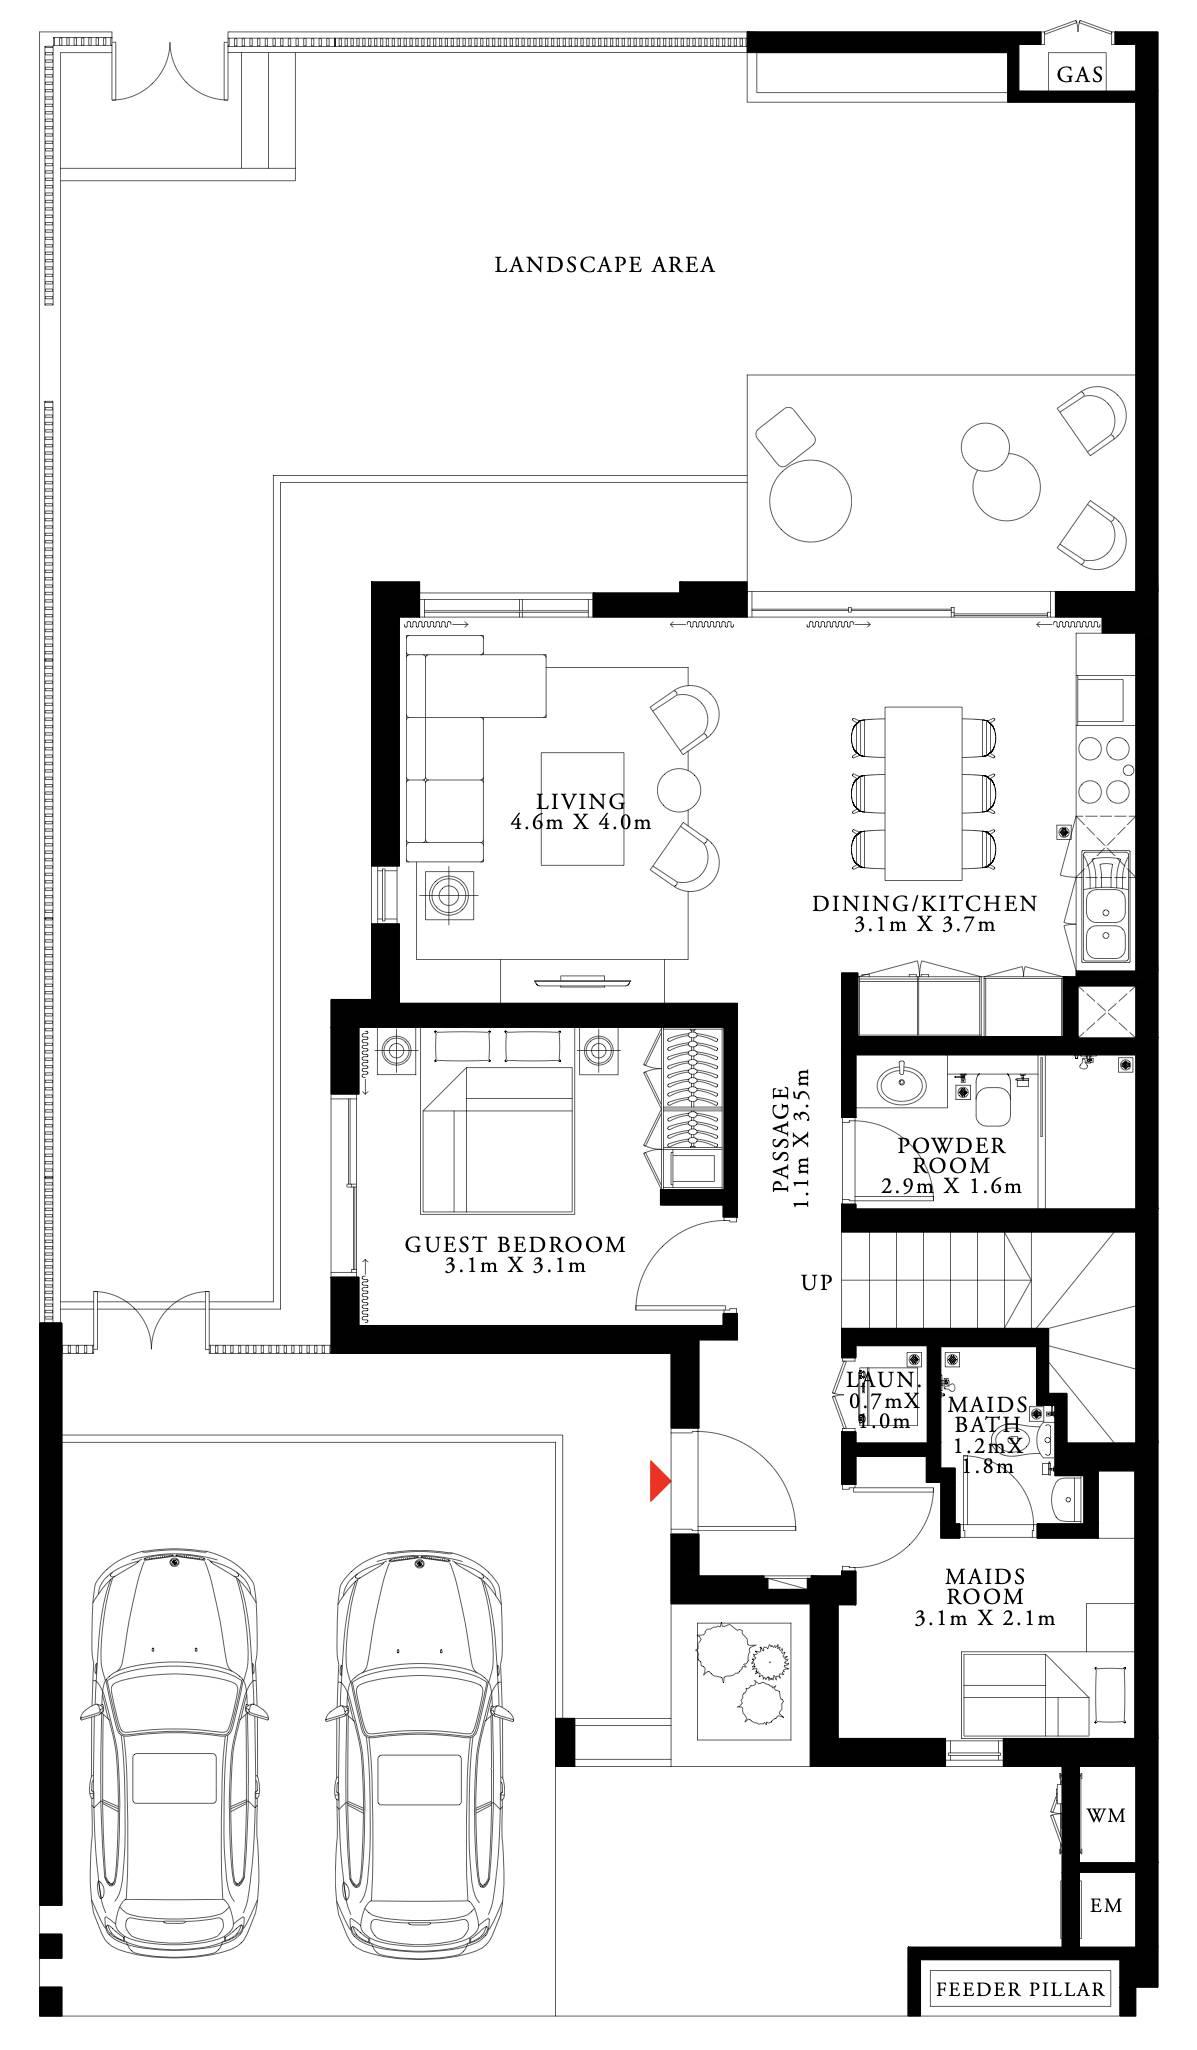 floor plan num. 3,893